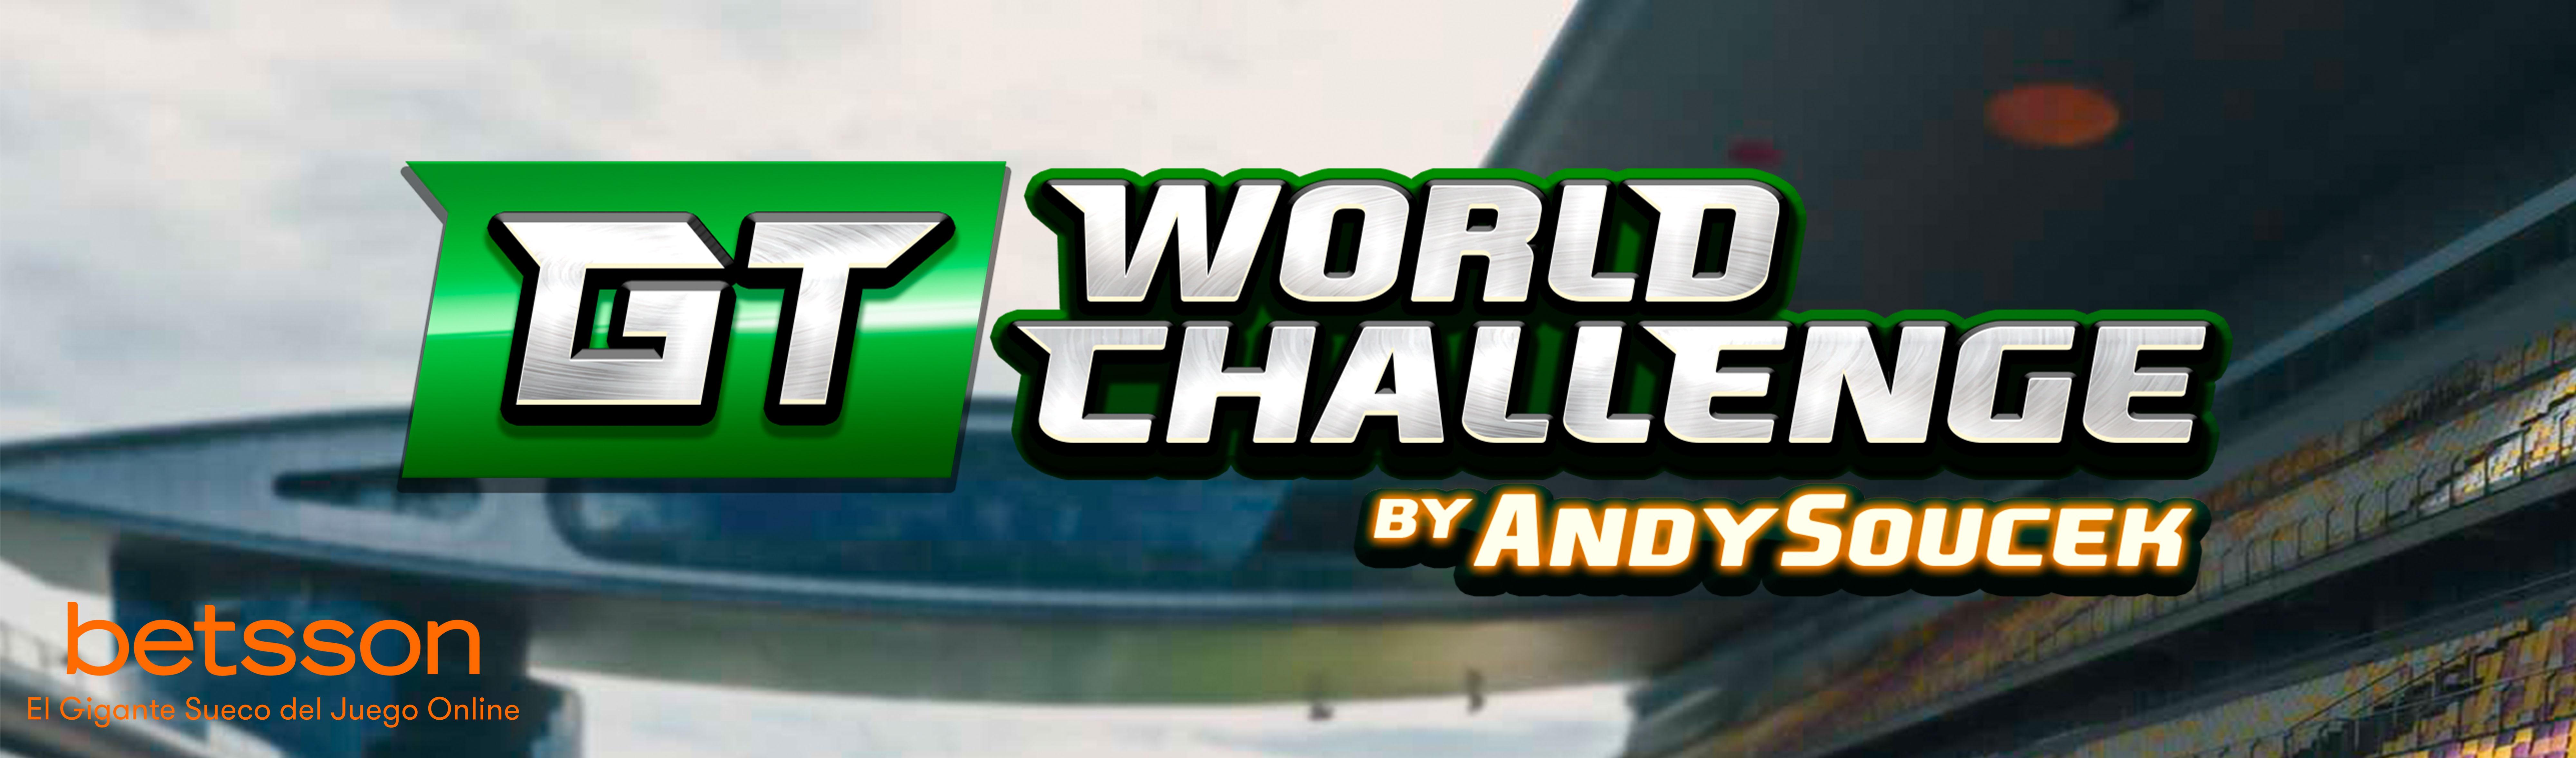 GT WORLD CHALLENGE, reta a Andy Soucek y gana en la prueba de automovilismo